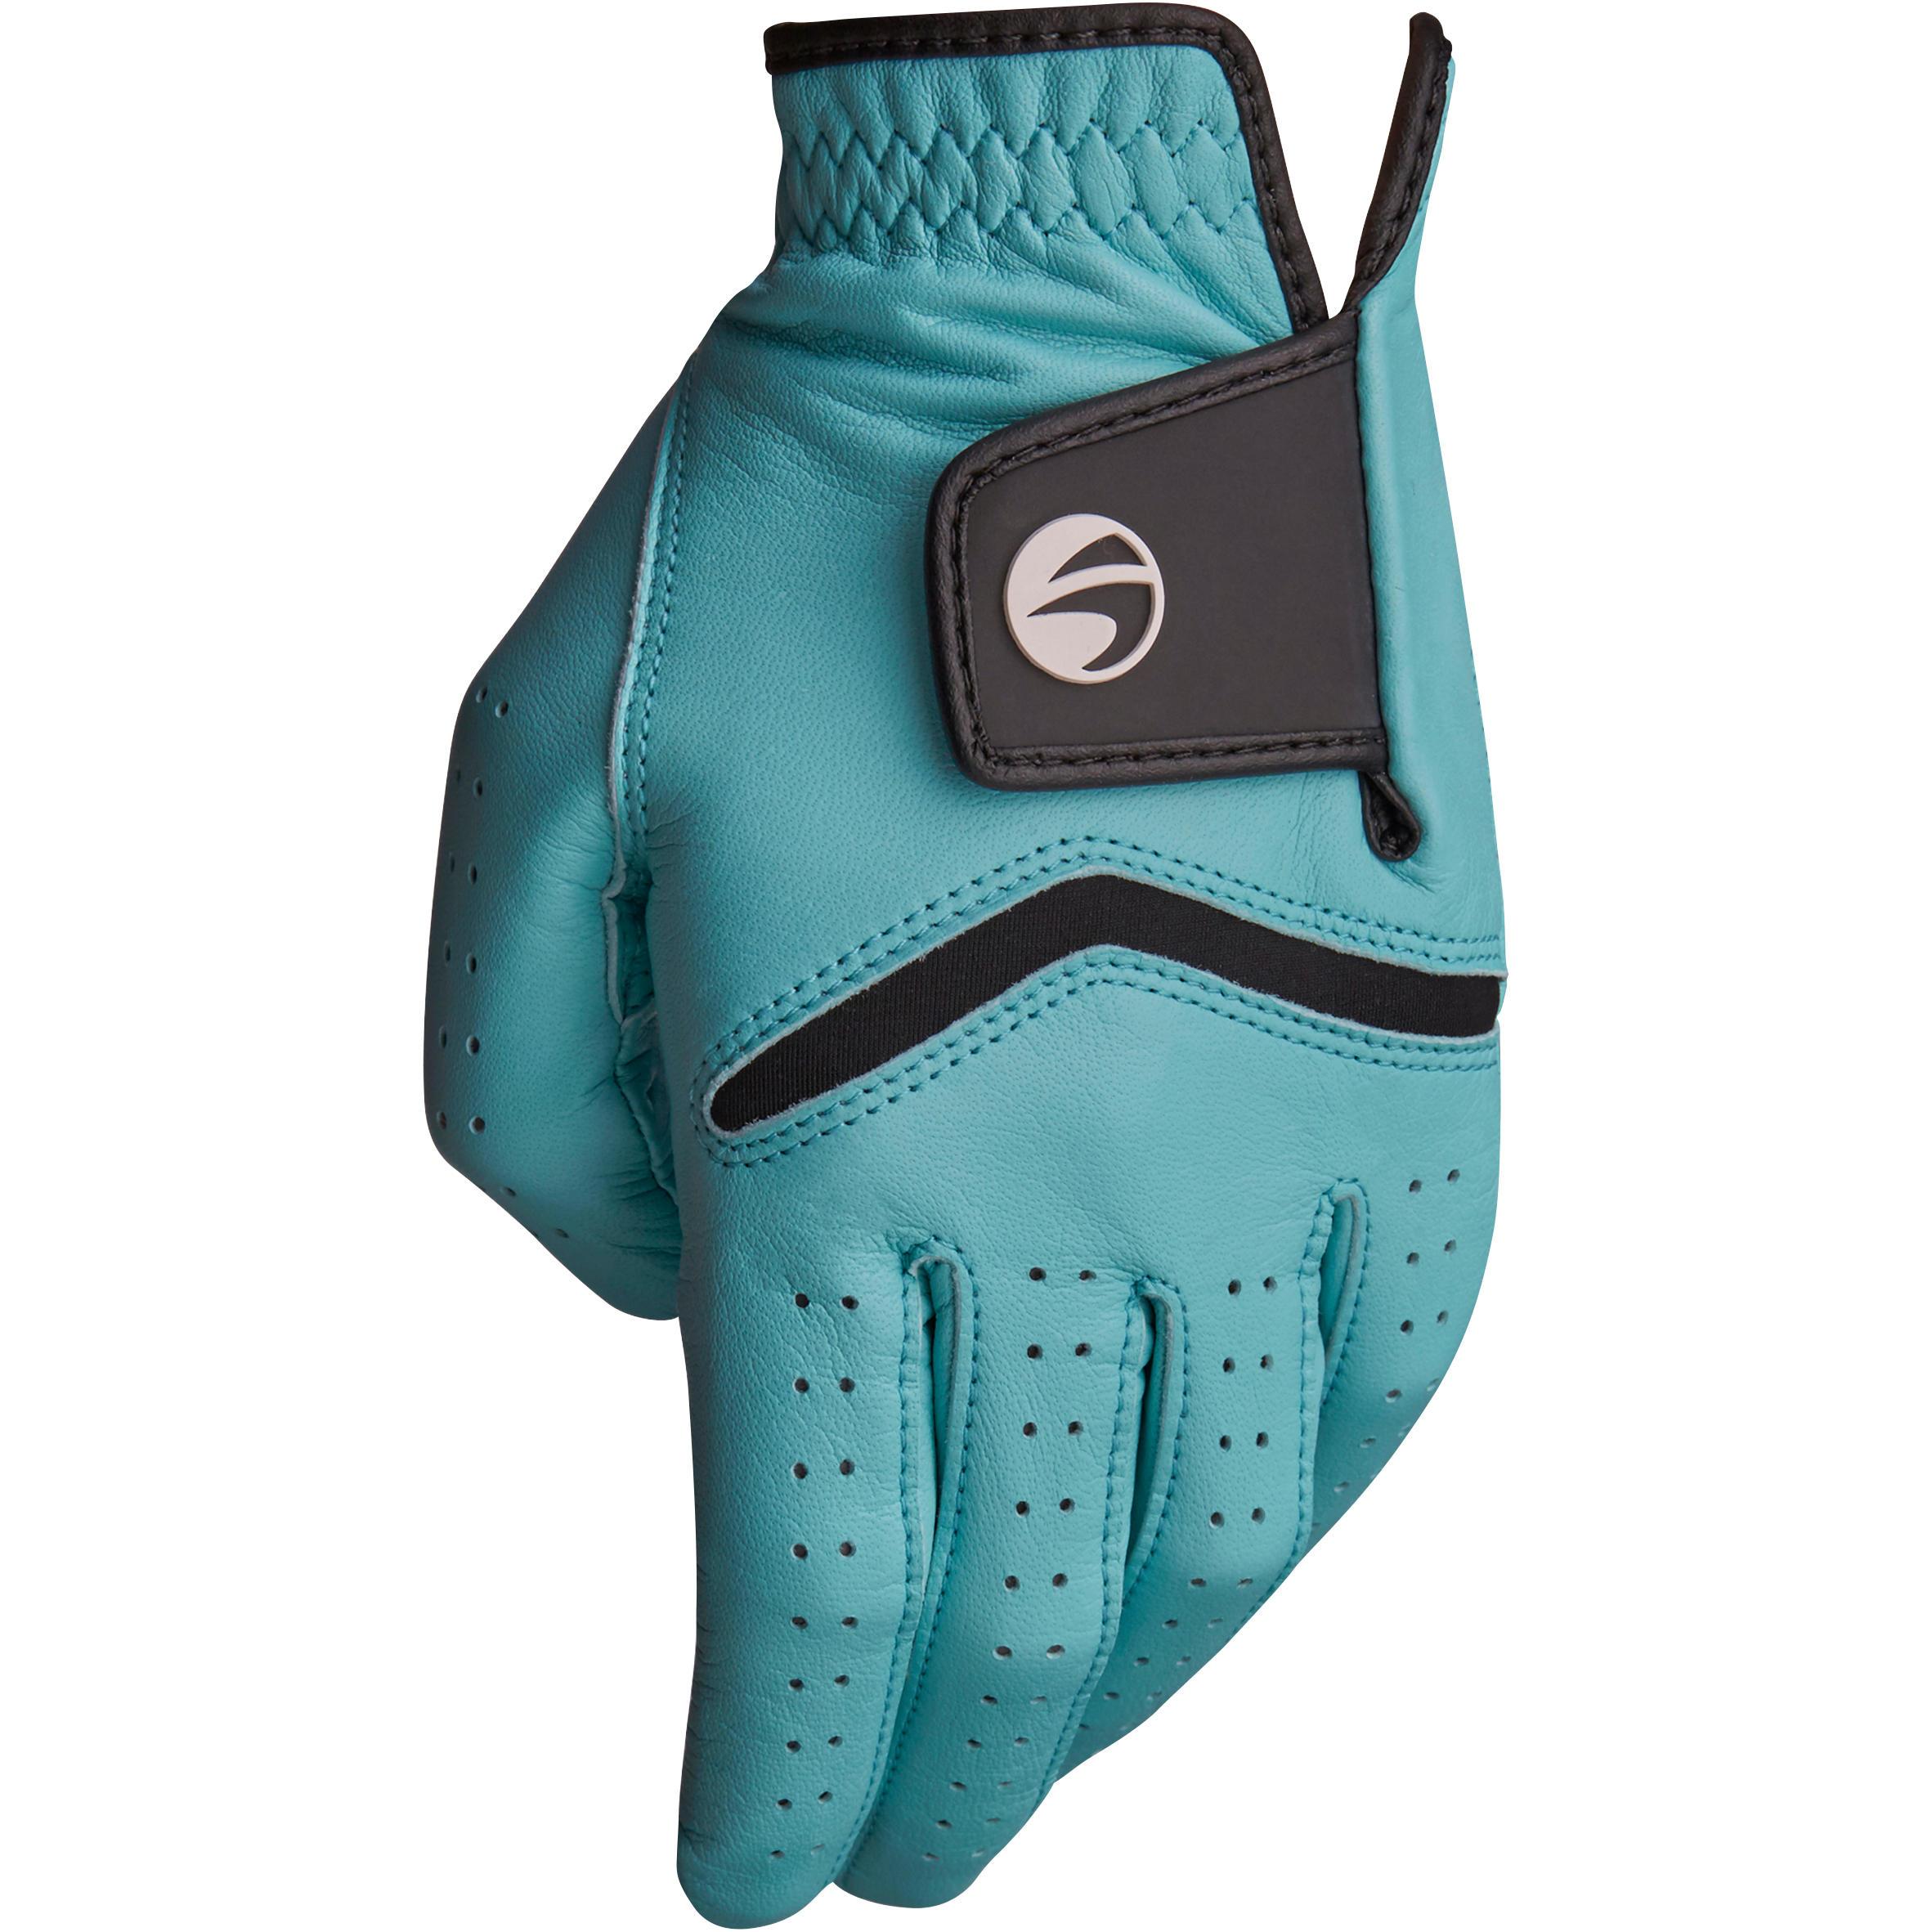 500 Women's Golf Advanced and Expert Glove - Right-Hander Blue